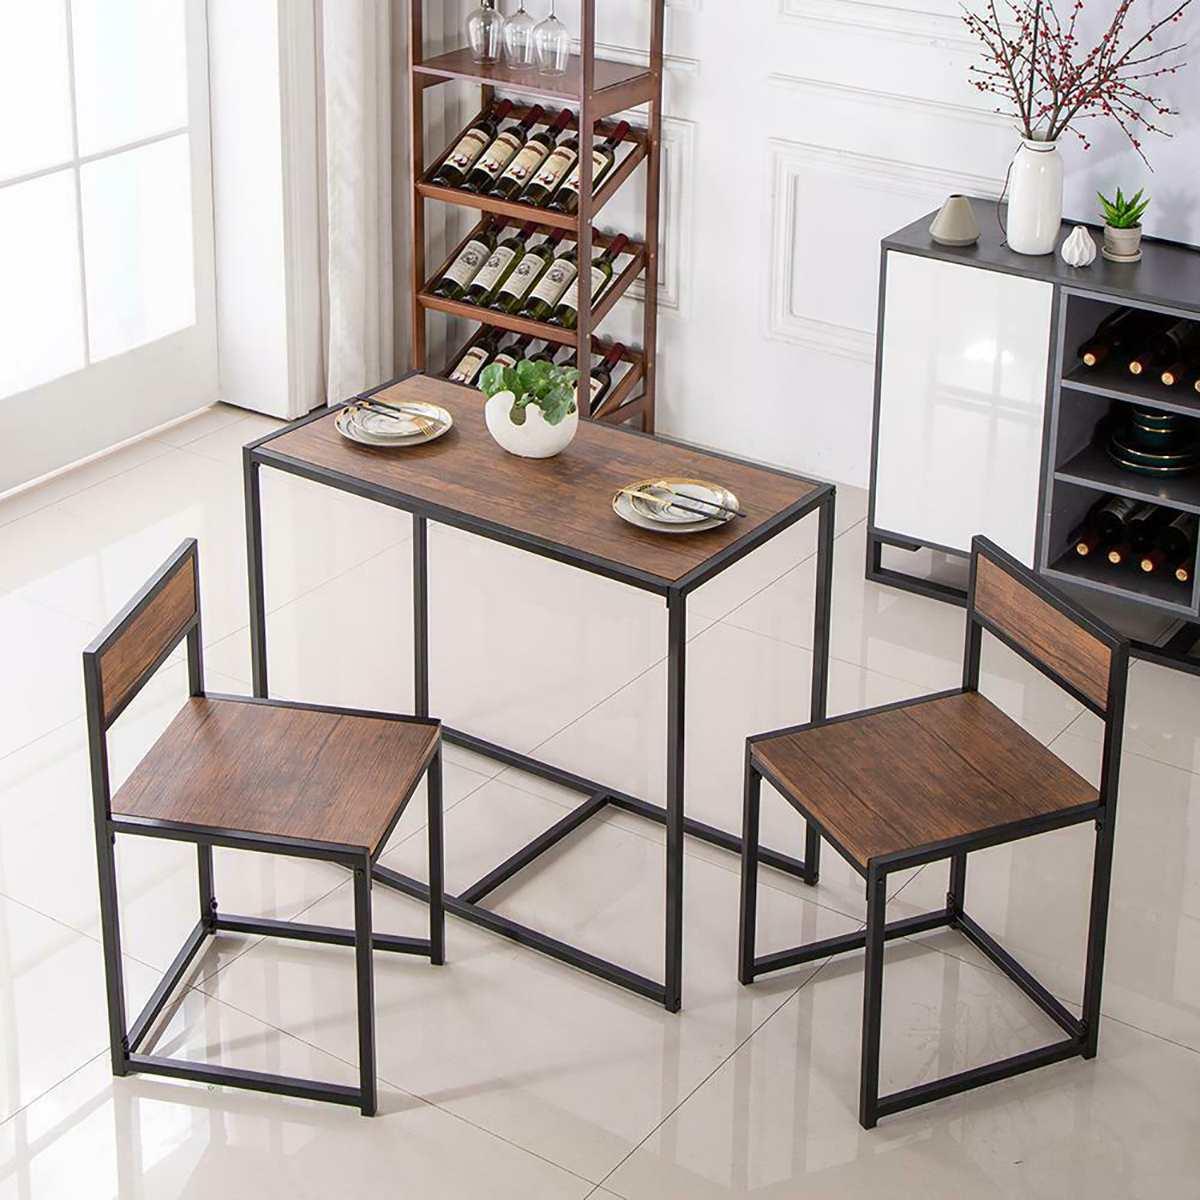 مجموعة منضدة عشاء 2 كراسي مجموعة منضدة عشاء الأثاث الحديثة طاولة من الخشب أثاث المطبخ الطعام مجموعة أثاث غرفة المعيشة